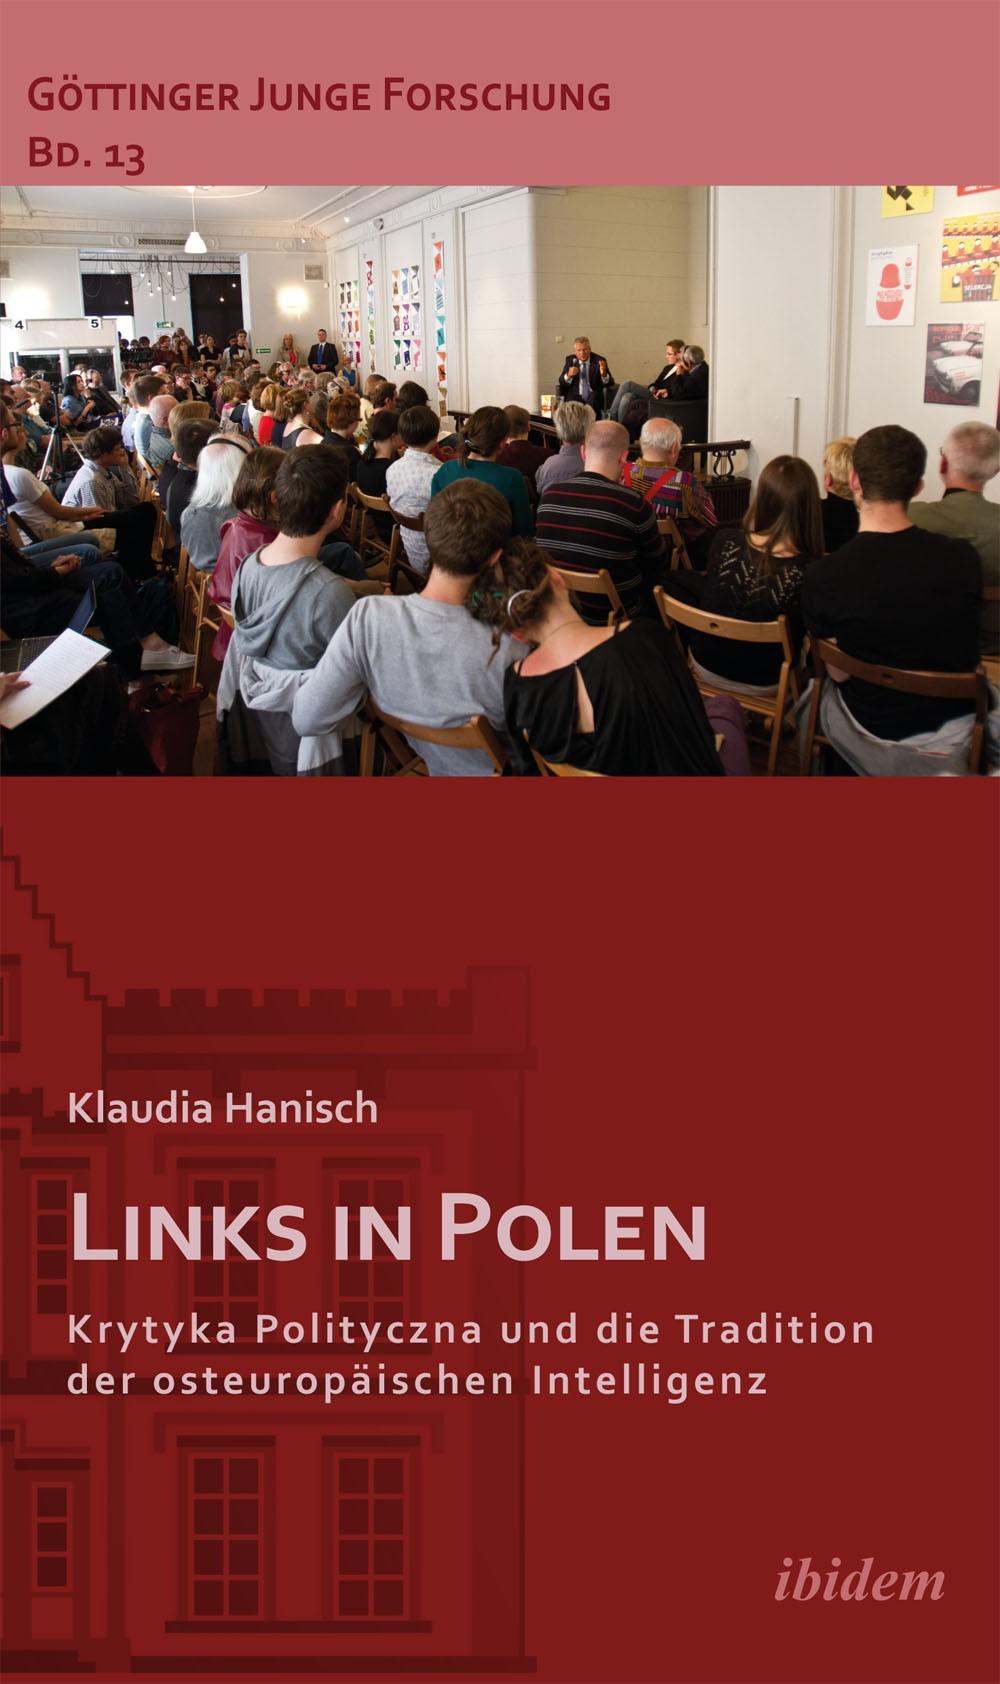 Links in Polen